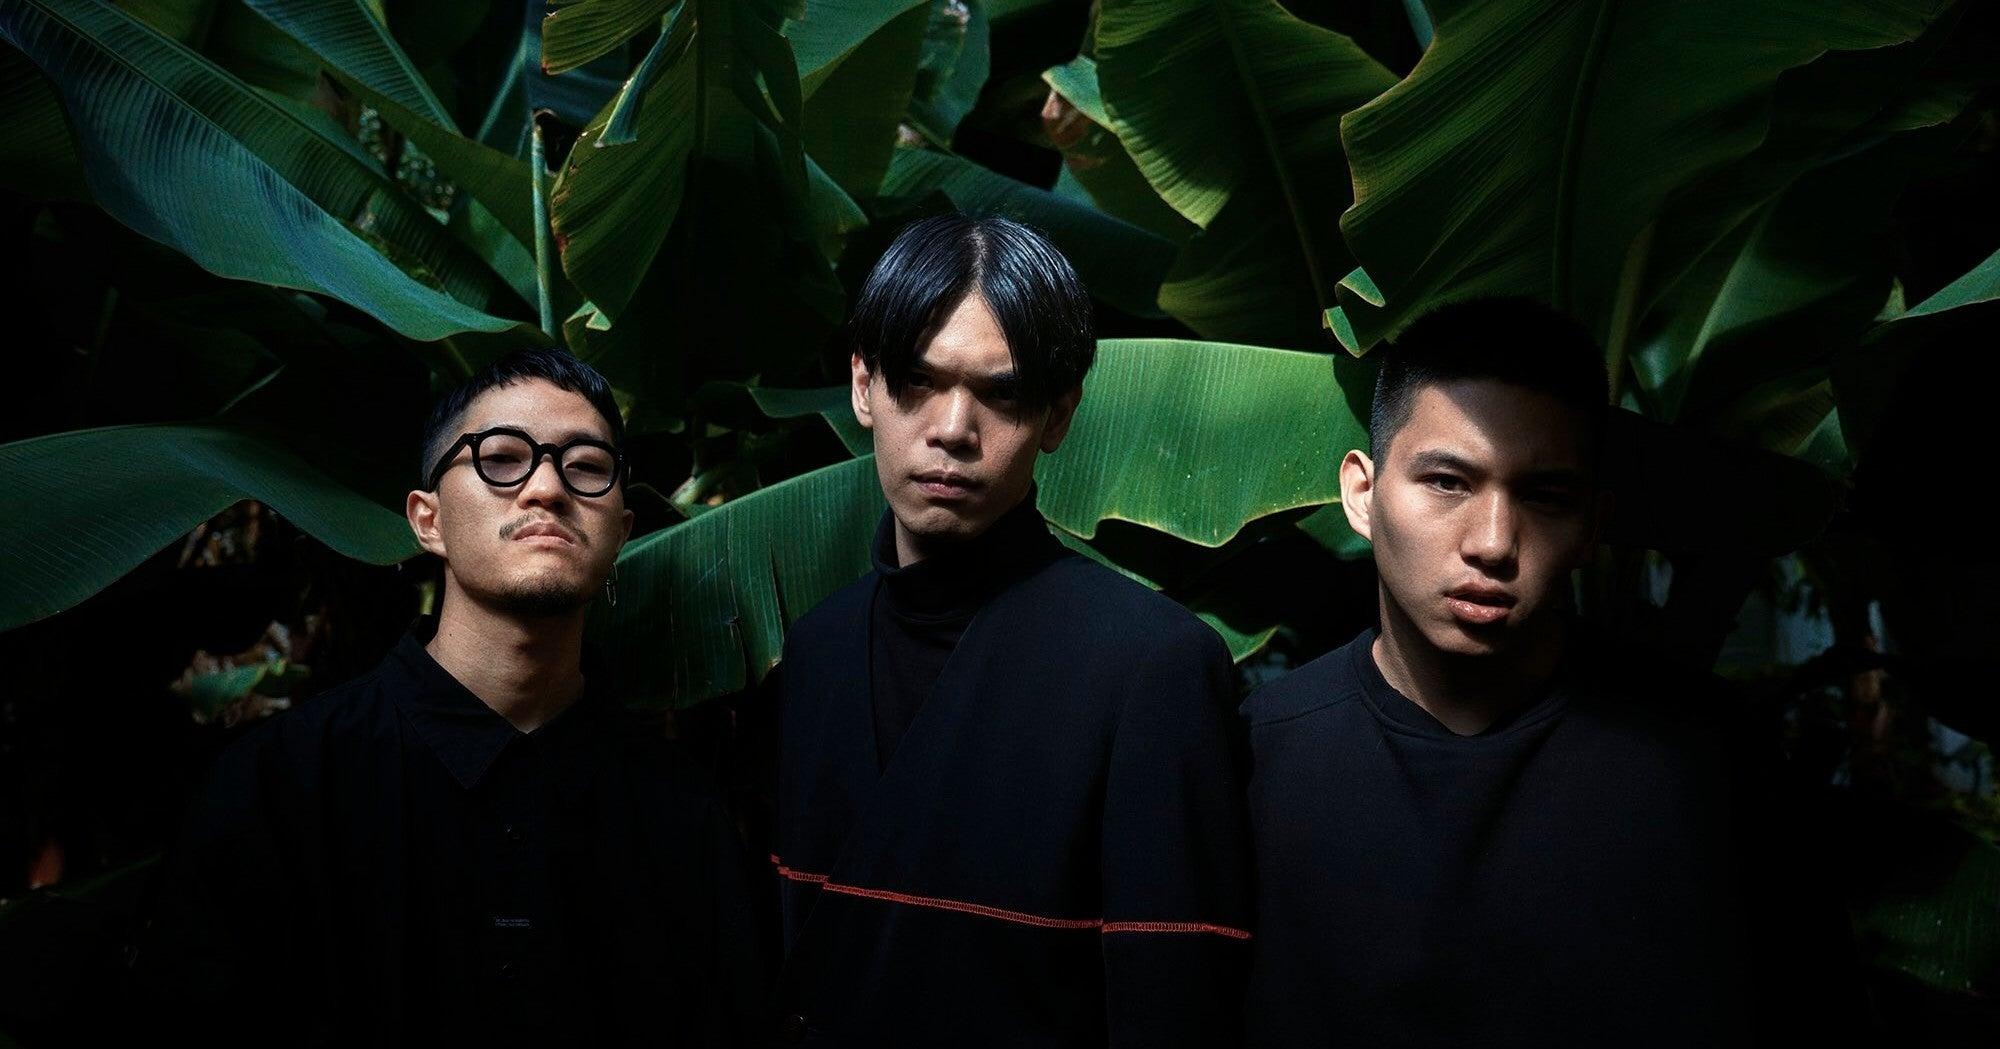 新進気鋭、次世代のヒップホップアーティスト Dos Monosが新EP「Dos Siki」をリリース。濃密な4曲16分間。